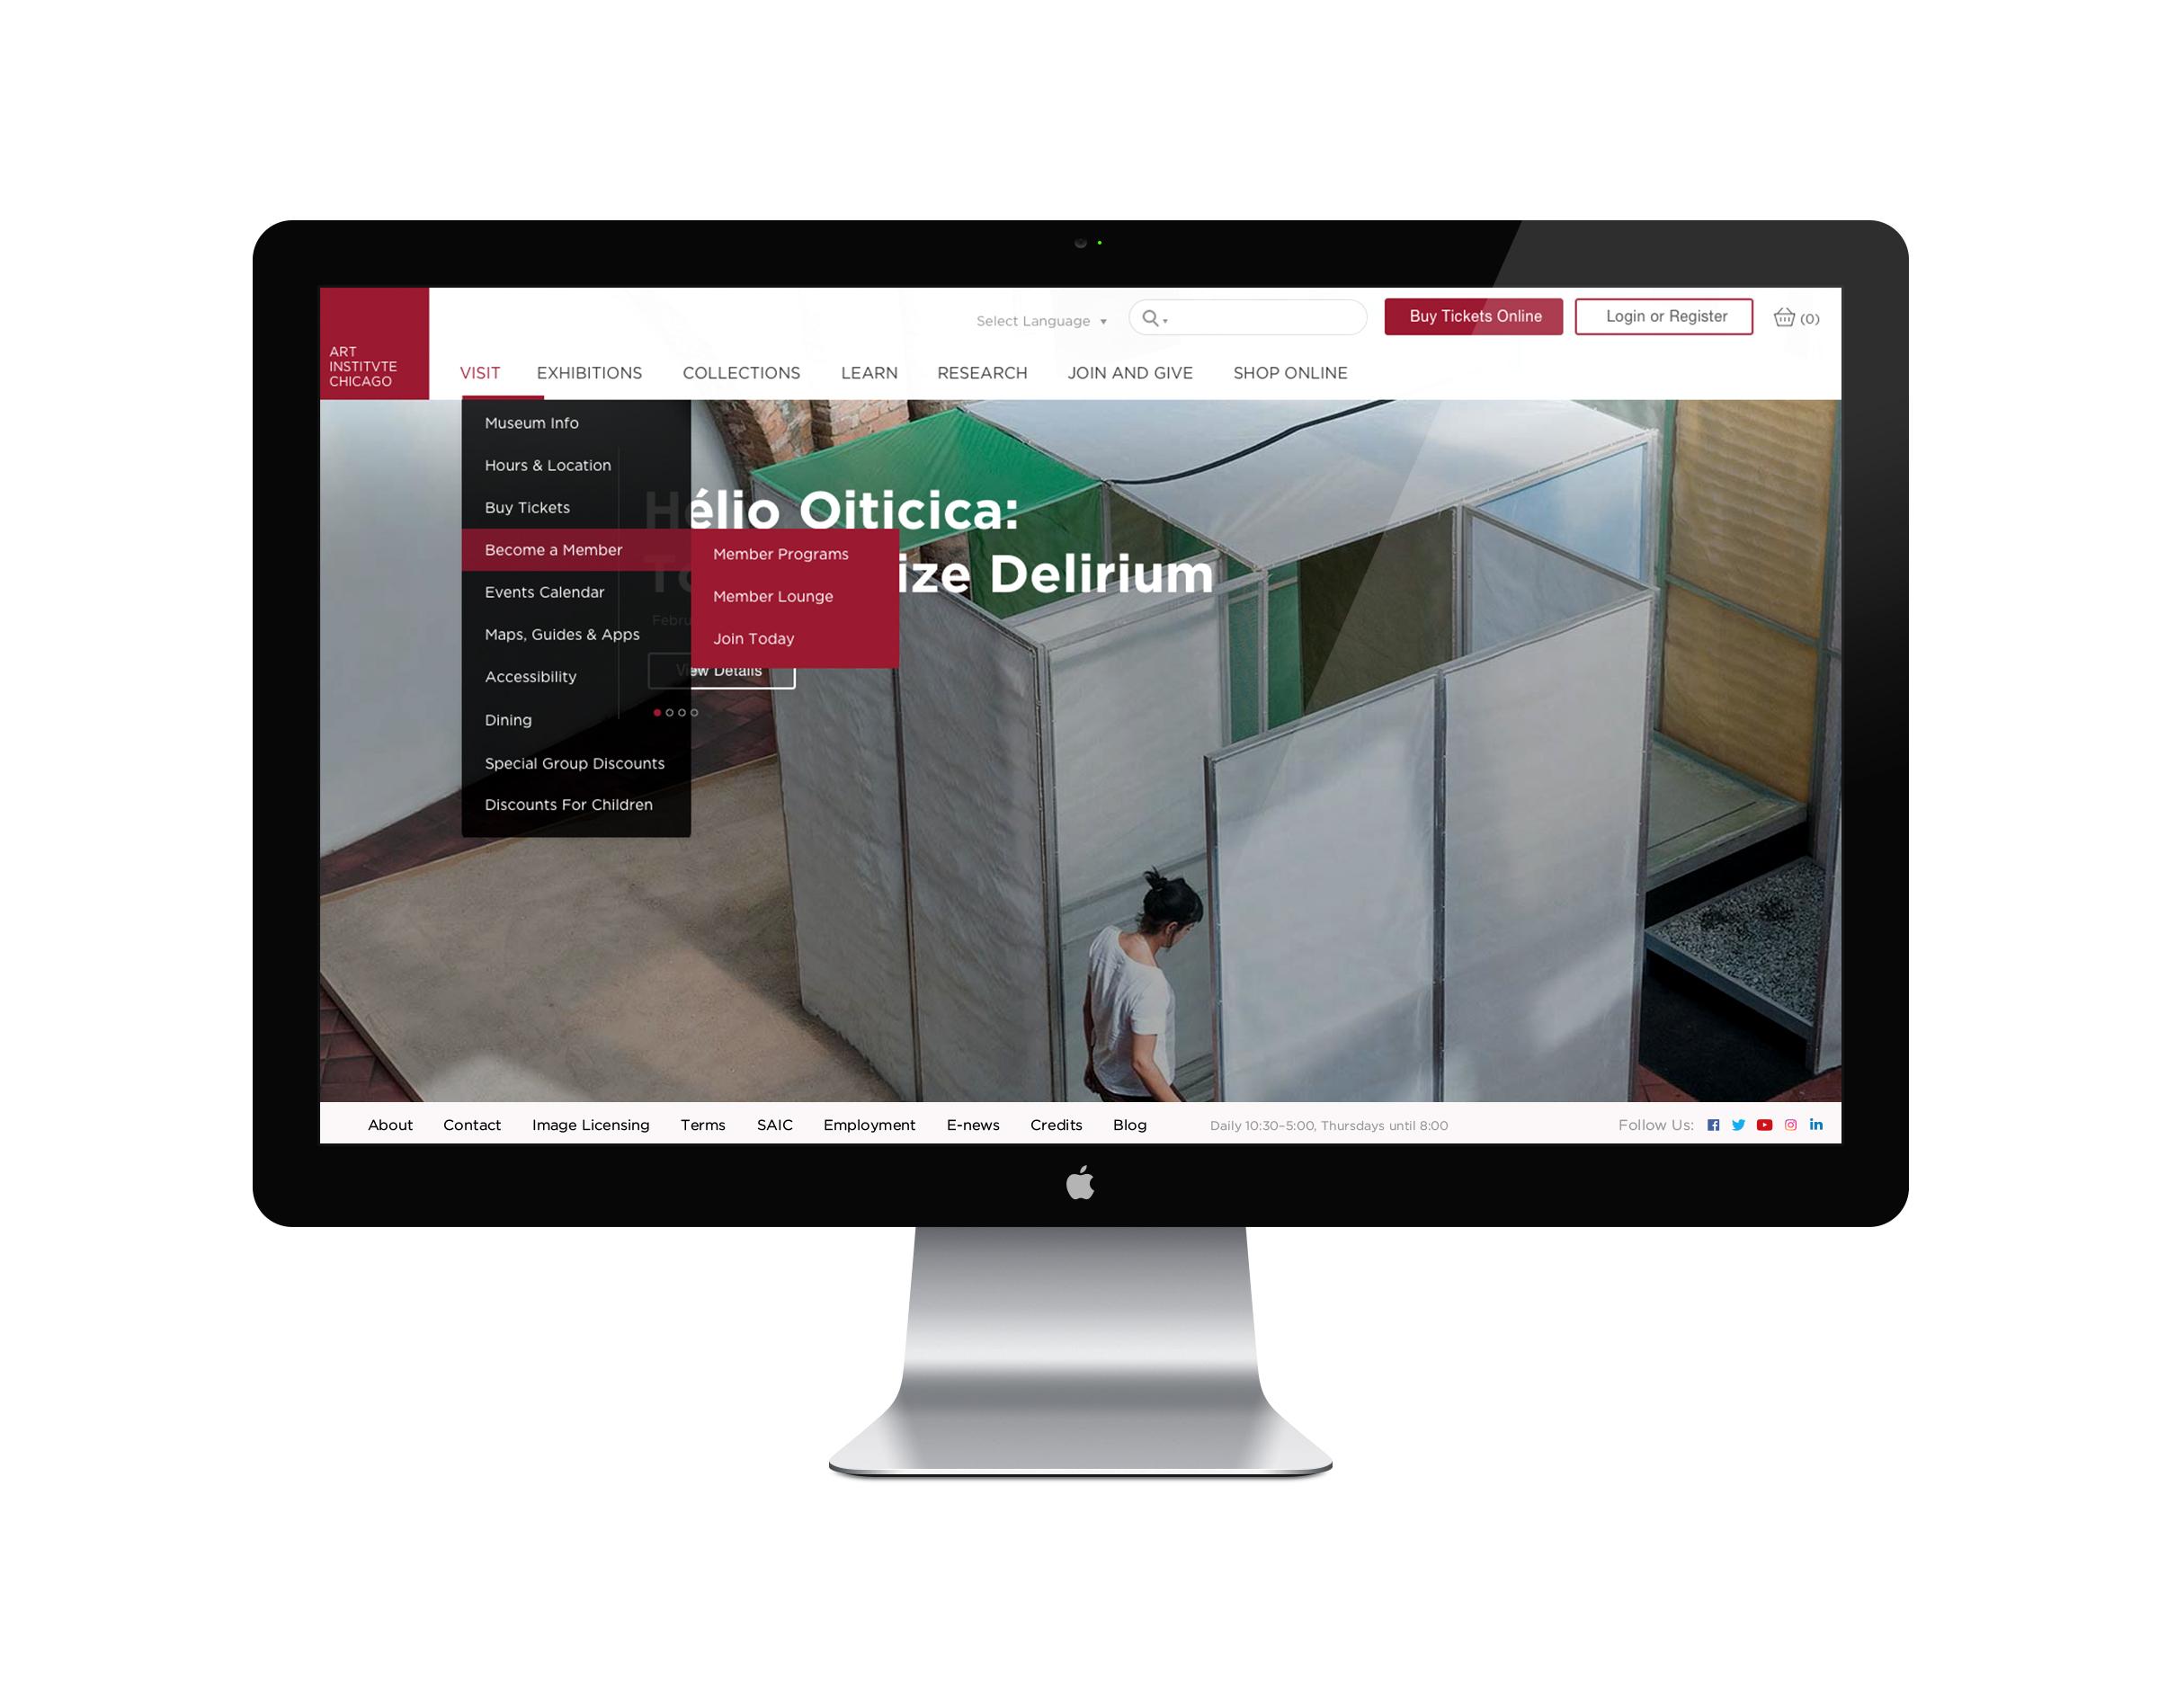 Website Redesign - Art Institute of Chicago